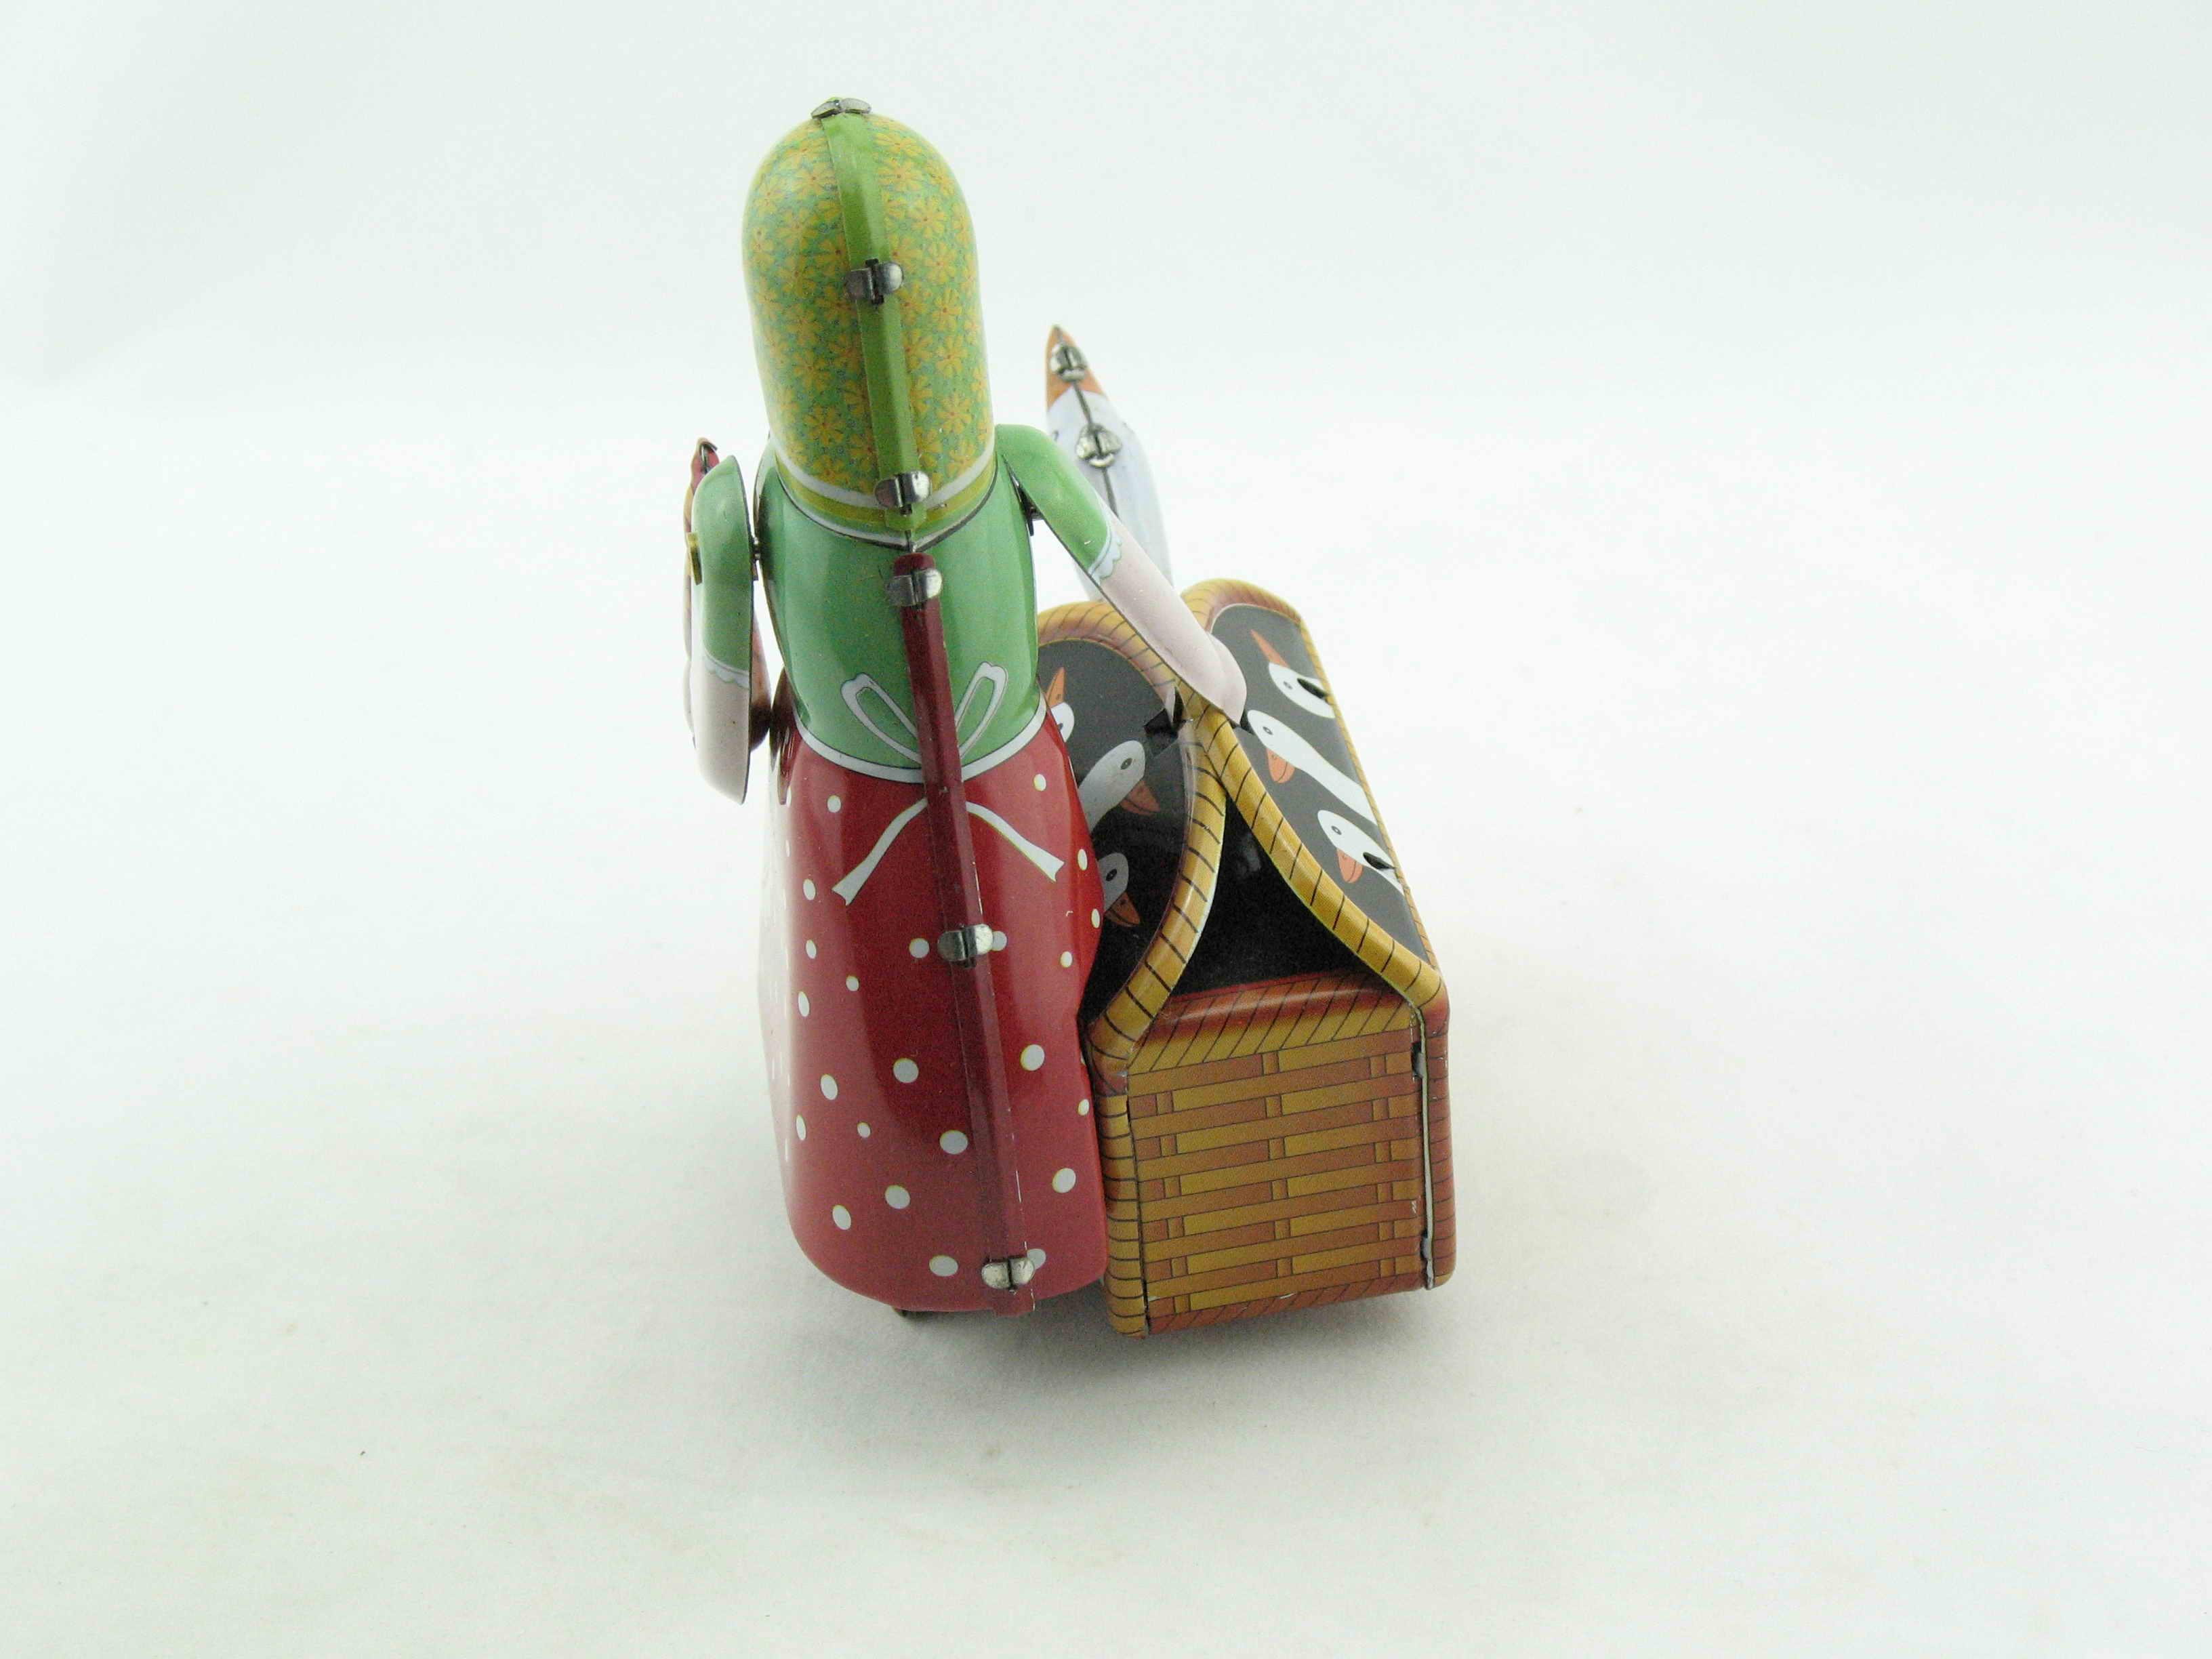 Blechspielzeug Gänseliesel mit Korb 2530501